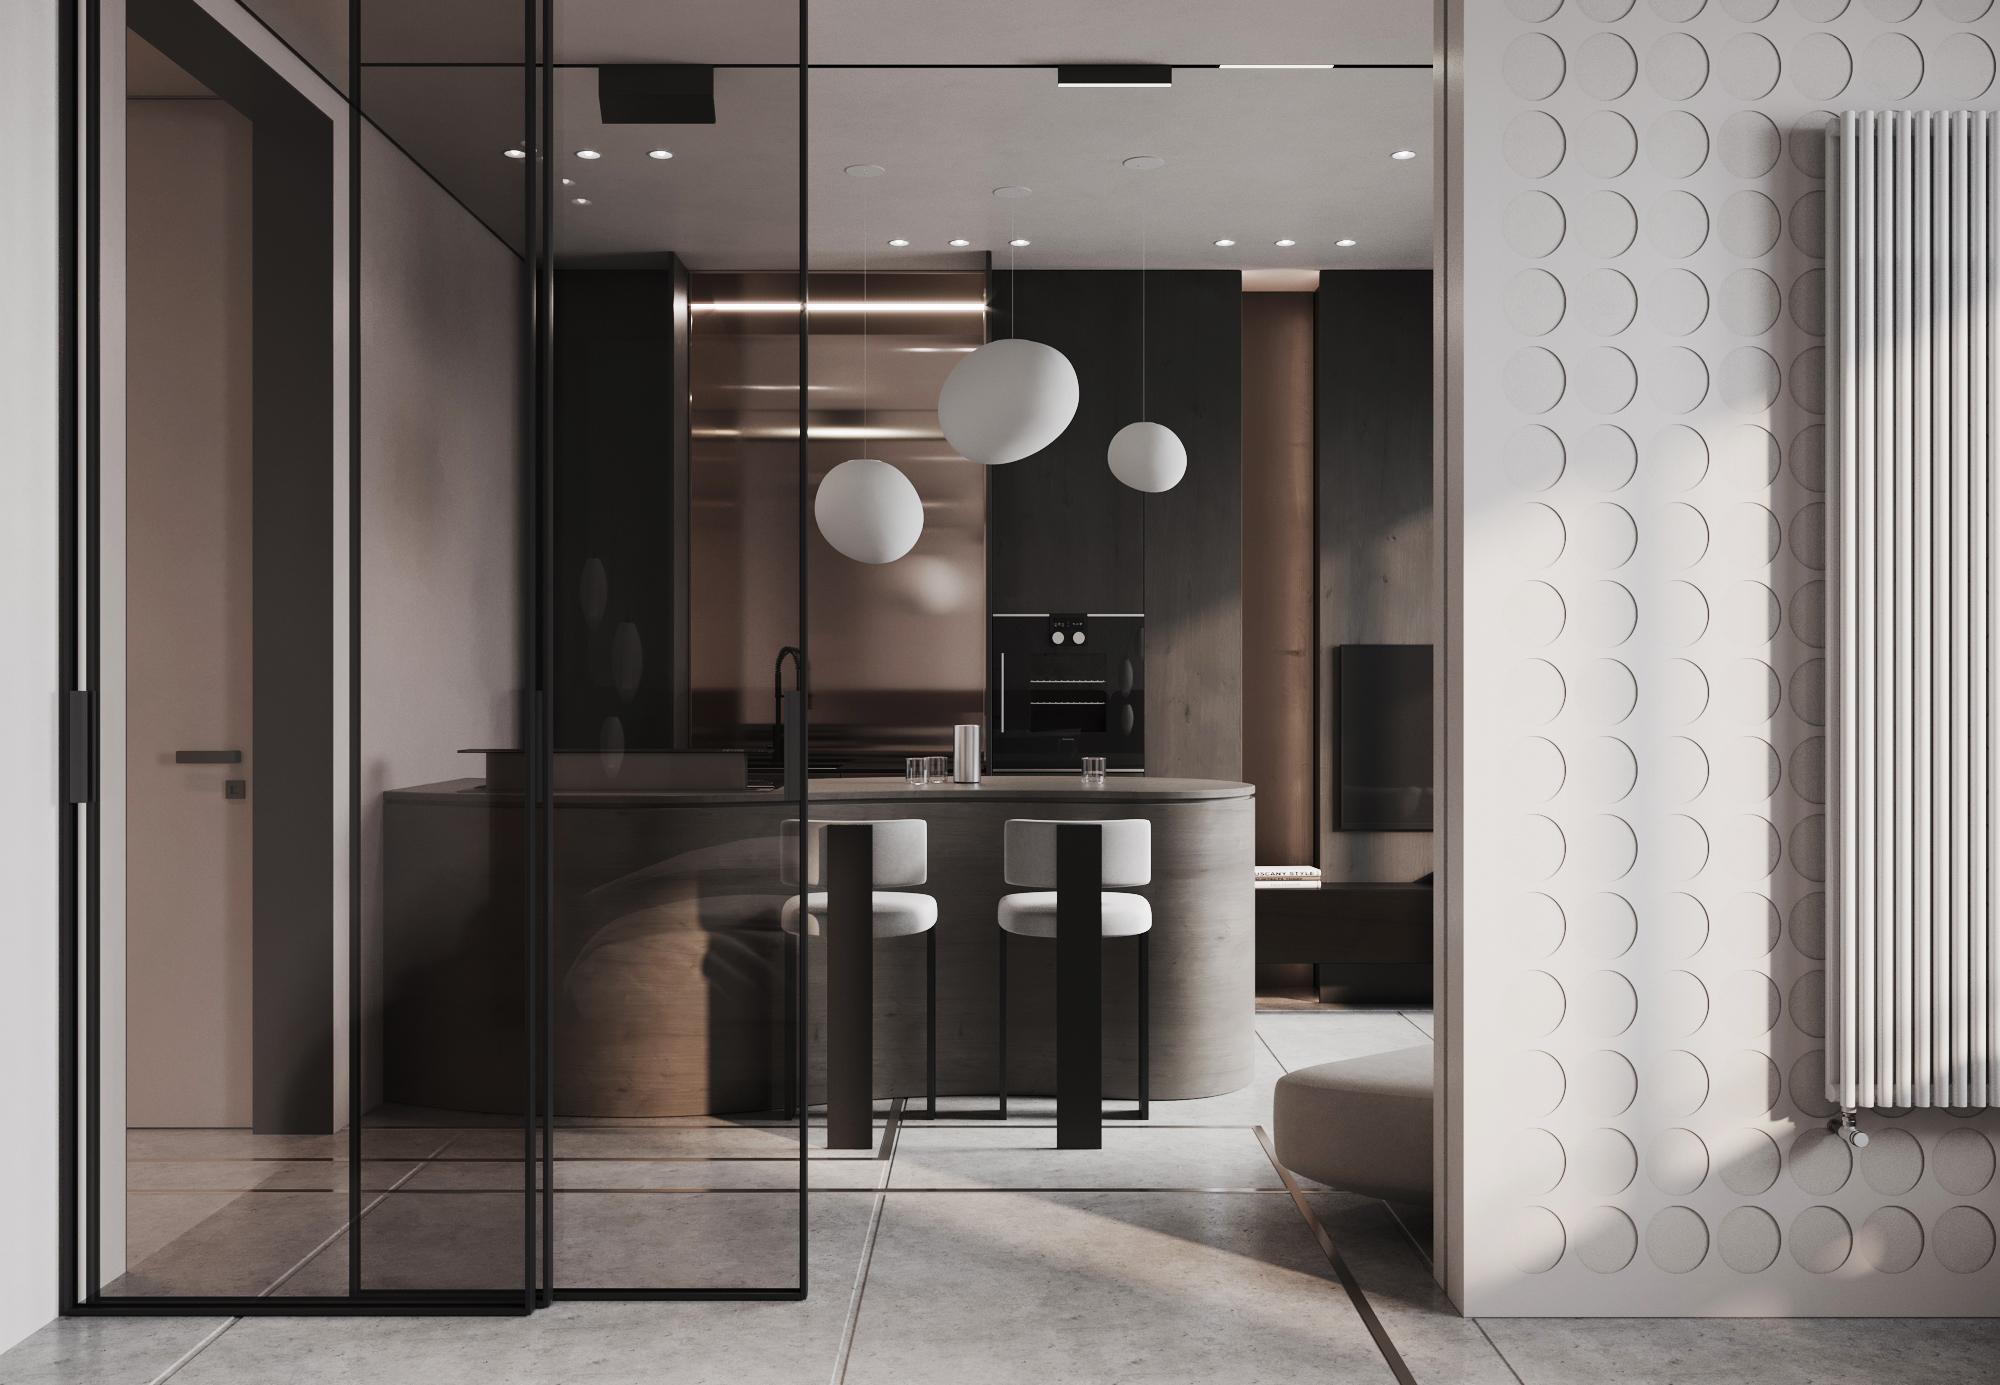 В открытом виде кухня завораживает своим металлическим медным оттенком